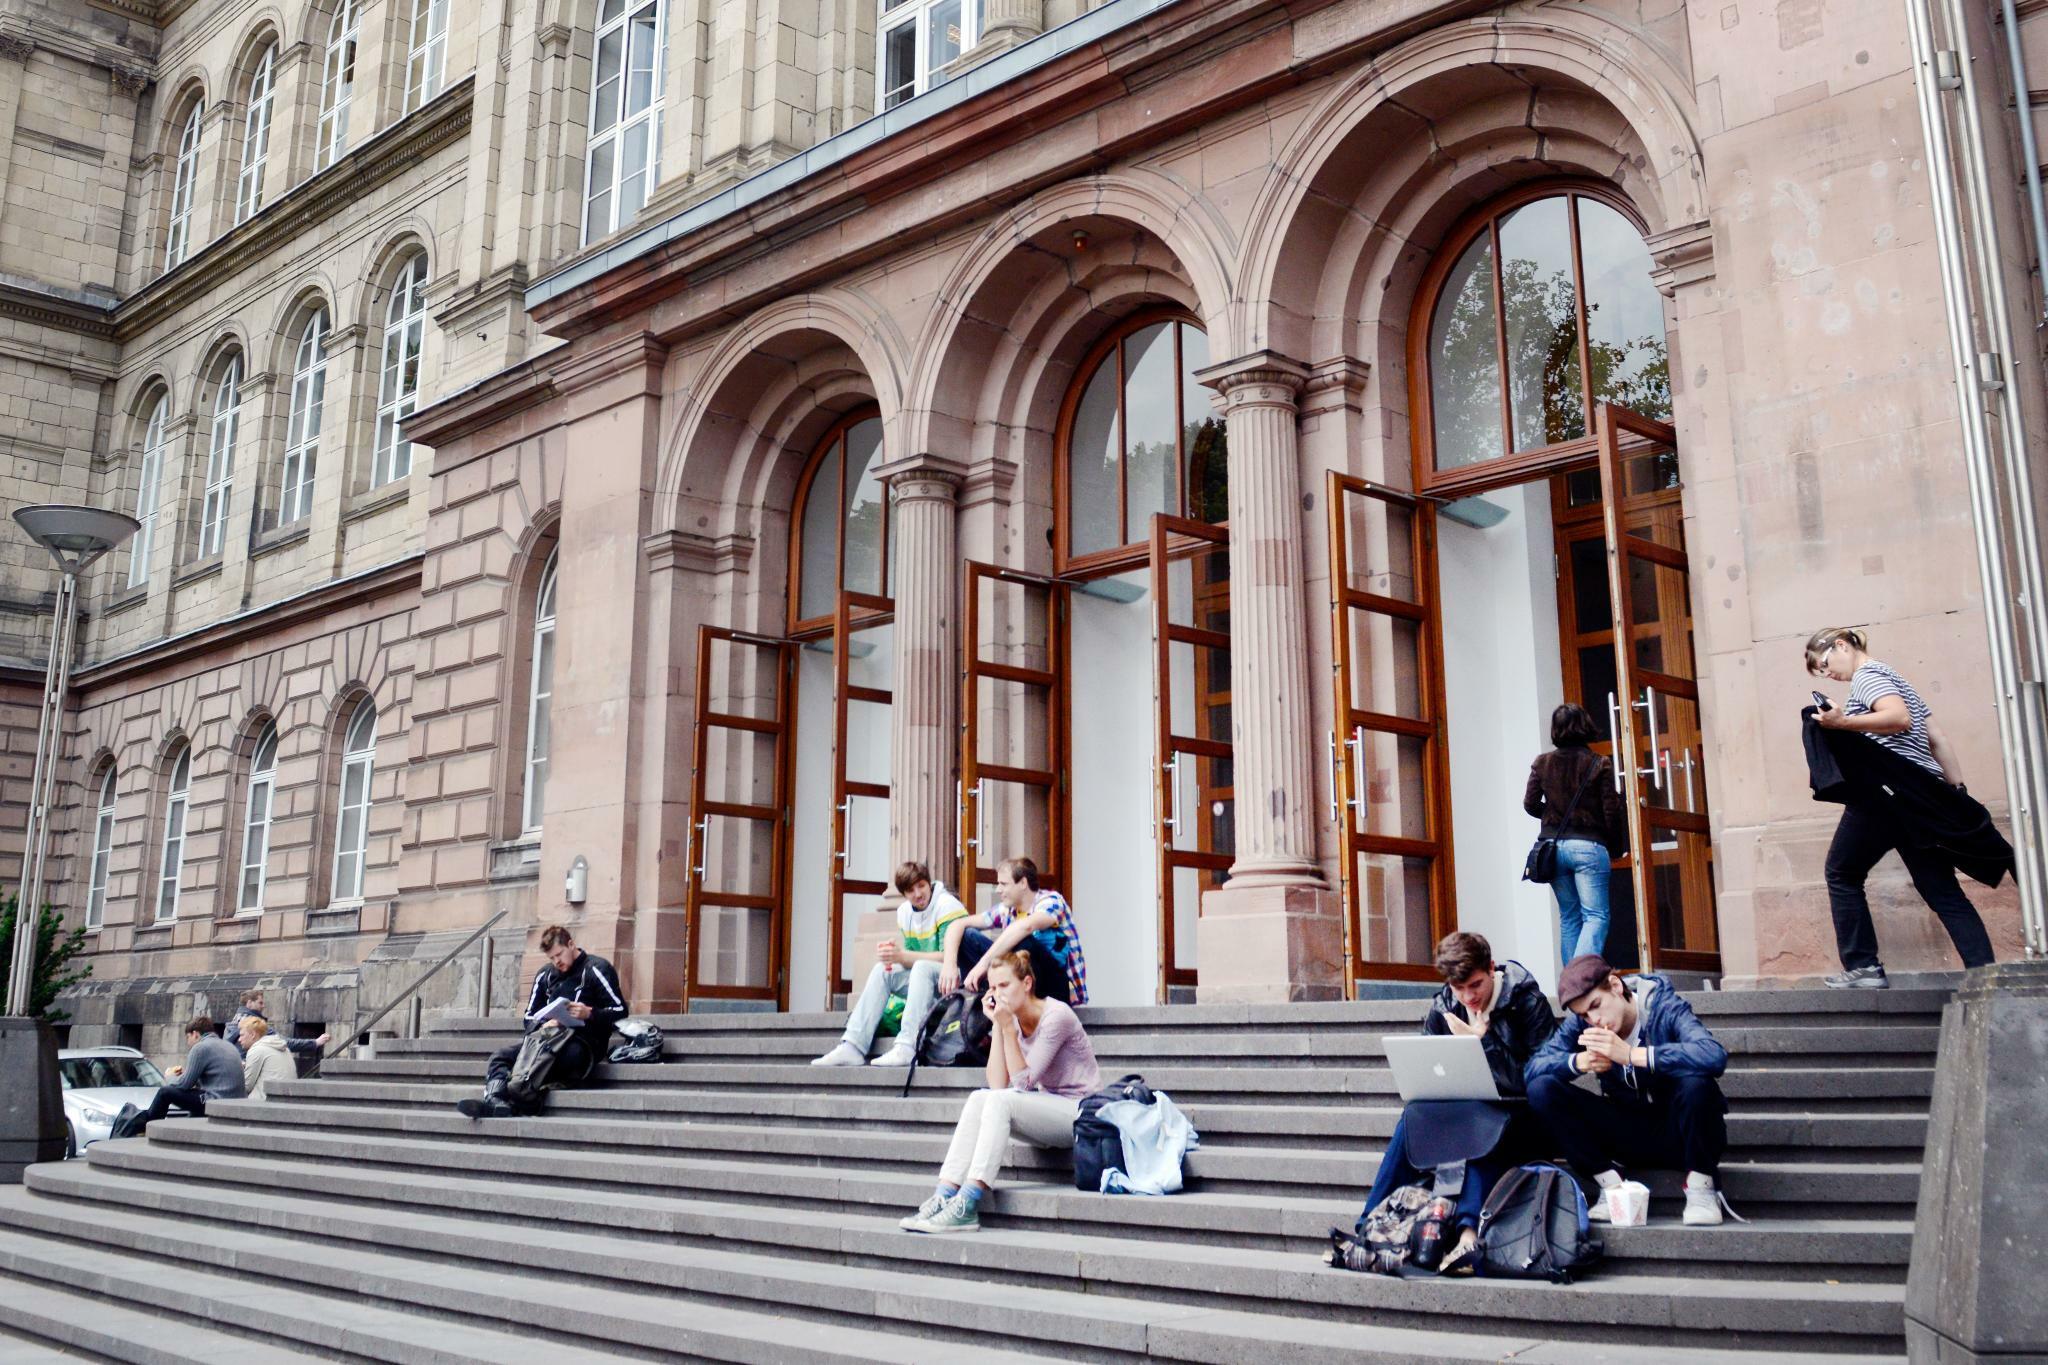 Elite-Unis in Deutschland: Elf neue Universitäten und Verbünde